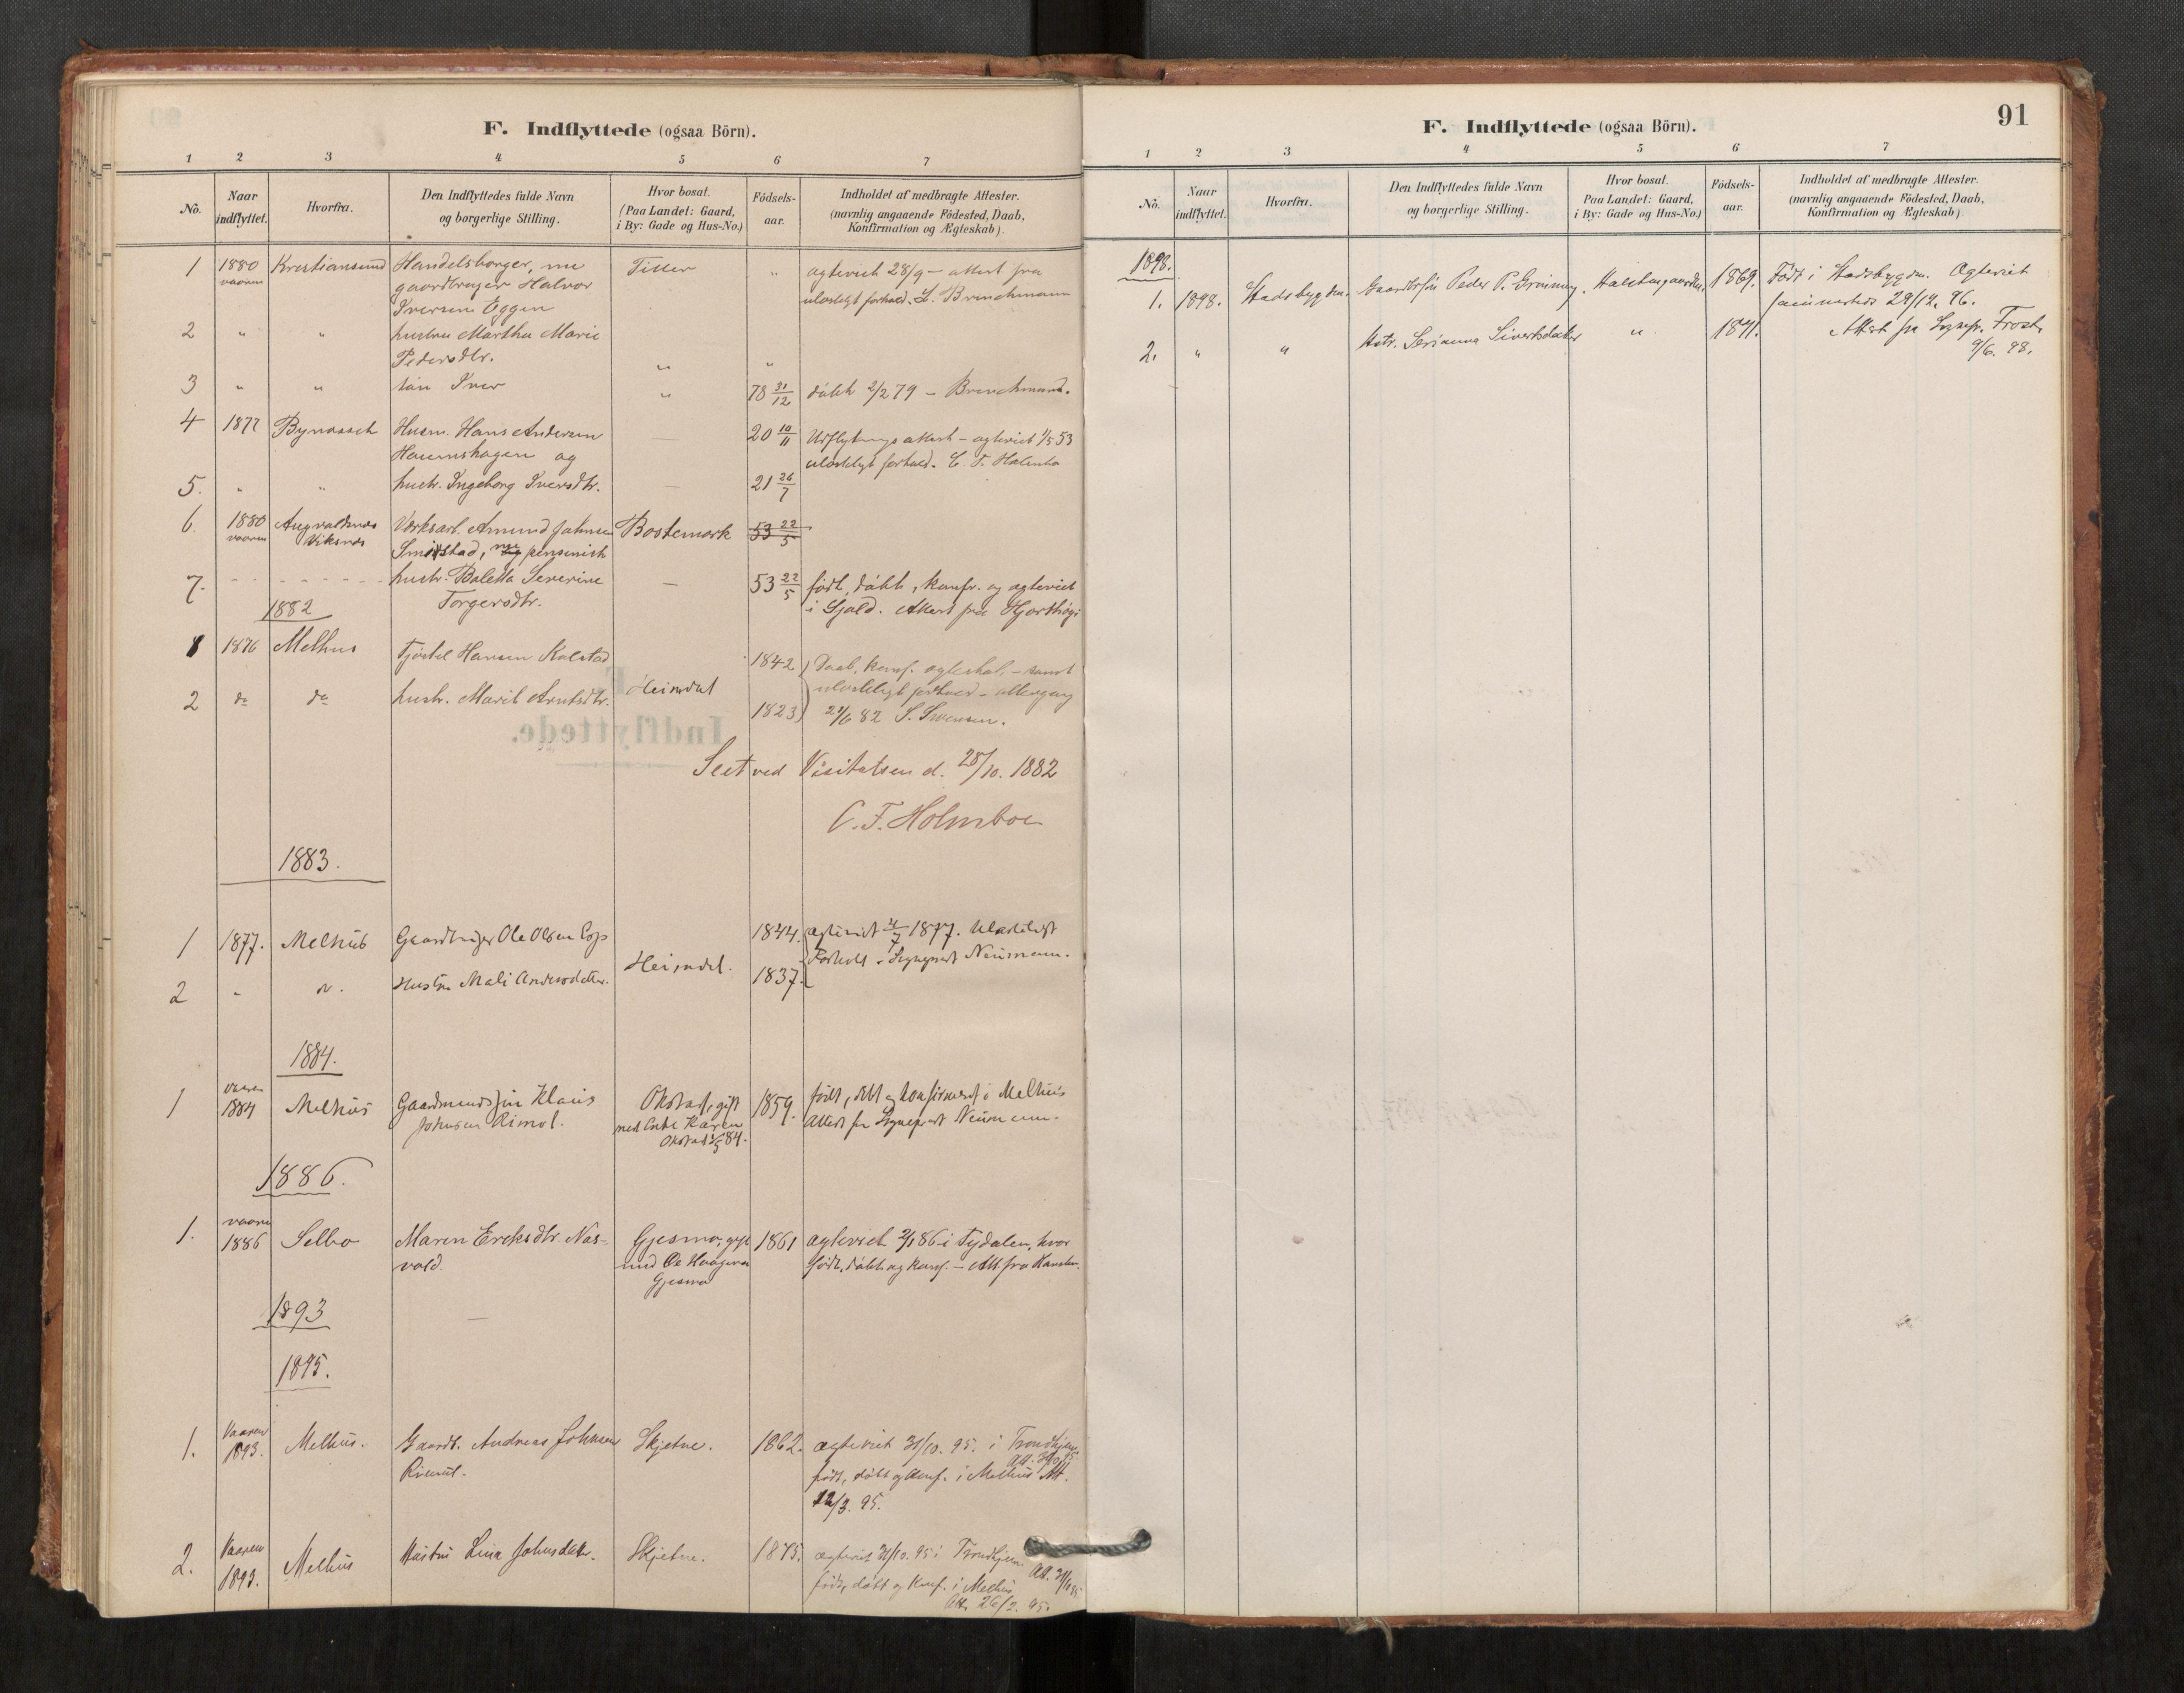 SAT, Klæbu sokneprestkontor, Parish register (official) no. 1, 1880-1900, p. 91